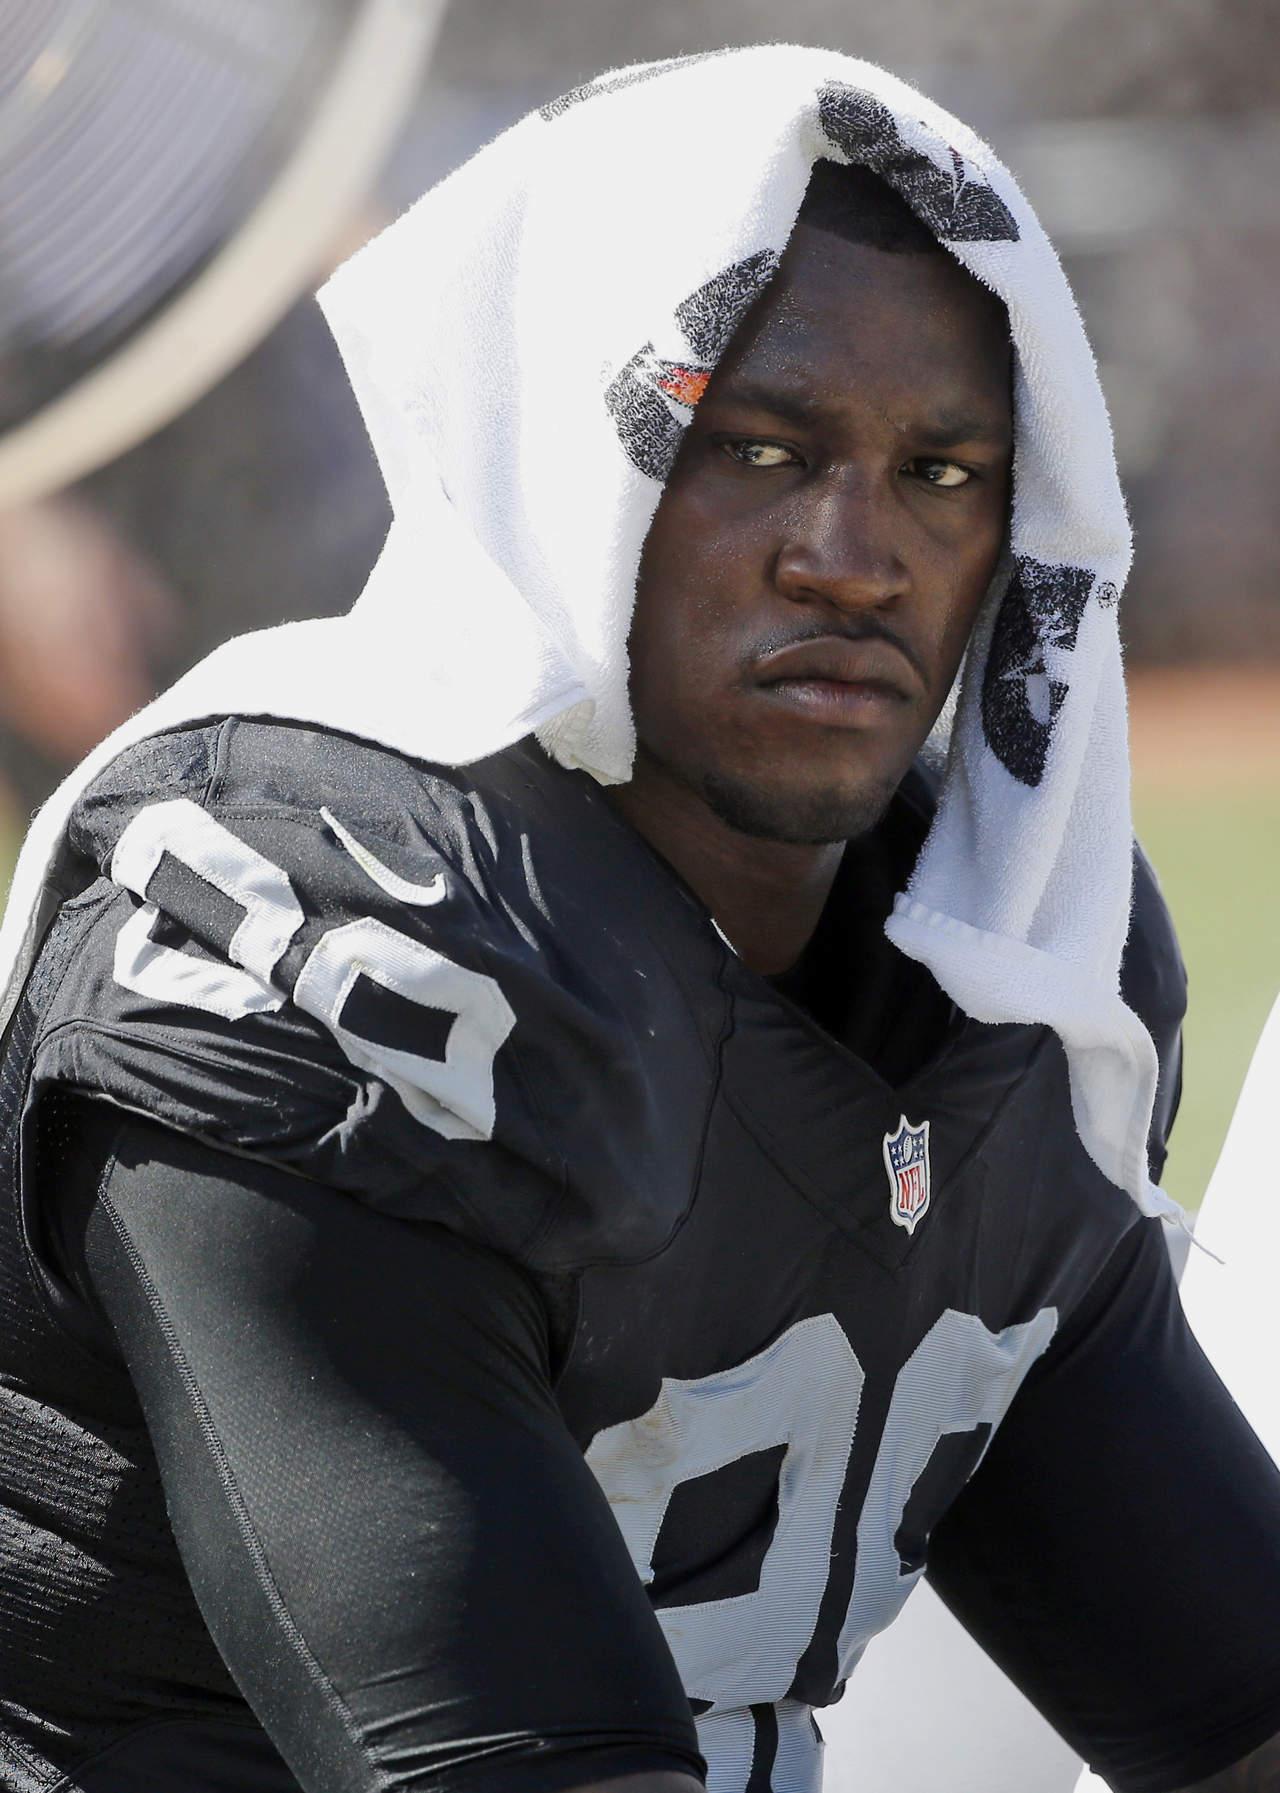 Raiders despide a Aldon Smith tras último roce con la ley